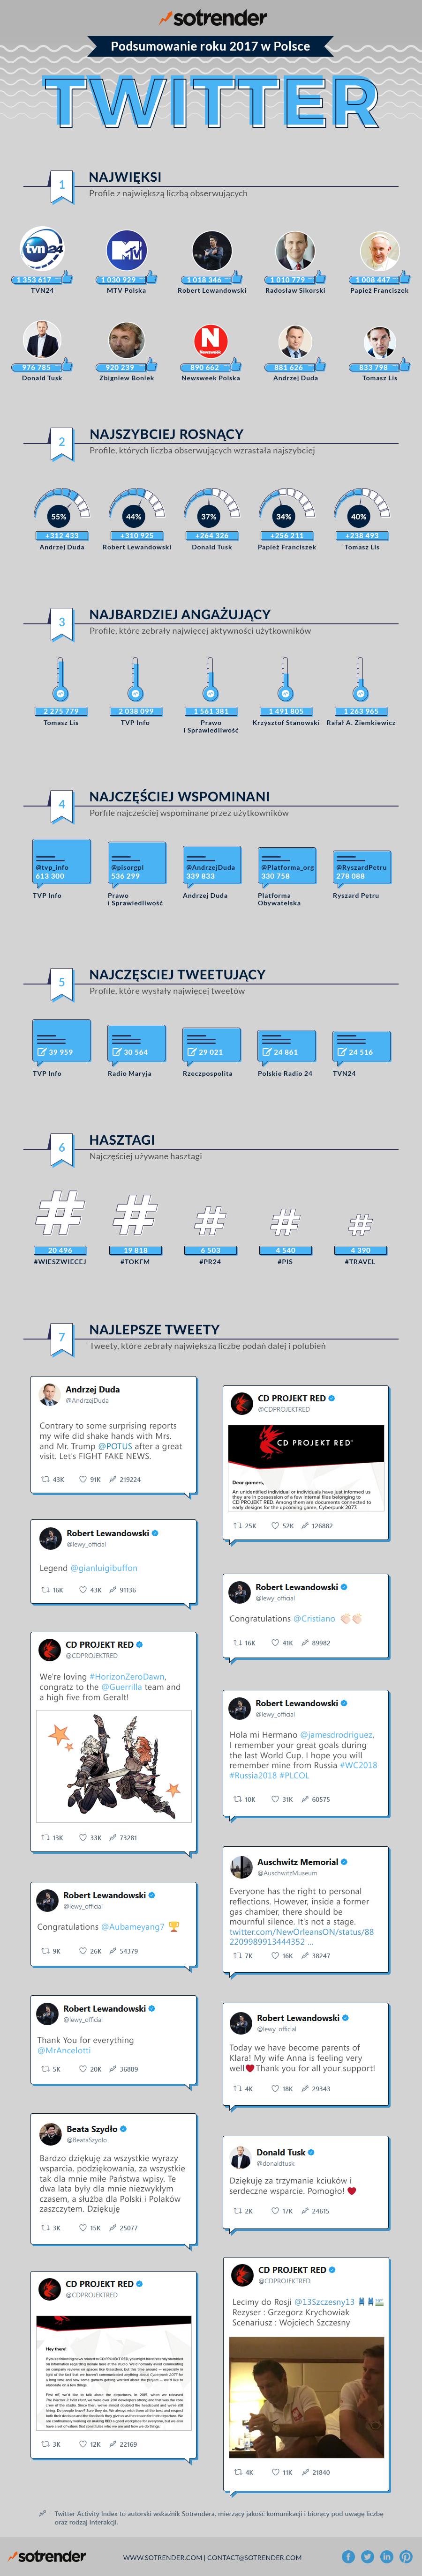 Twitter w Polsce w 2017 roku [INFOGRAFIKA]